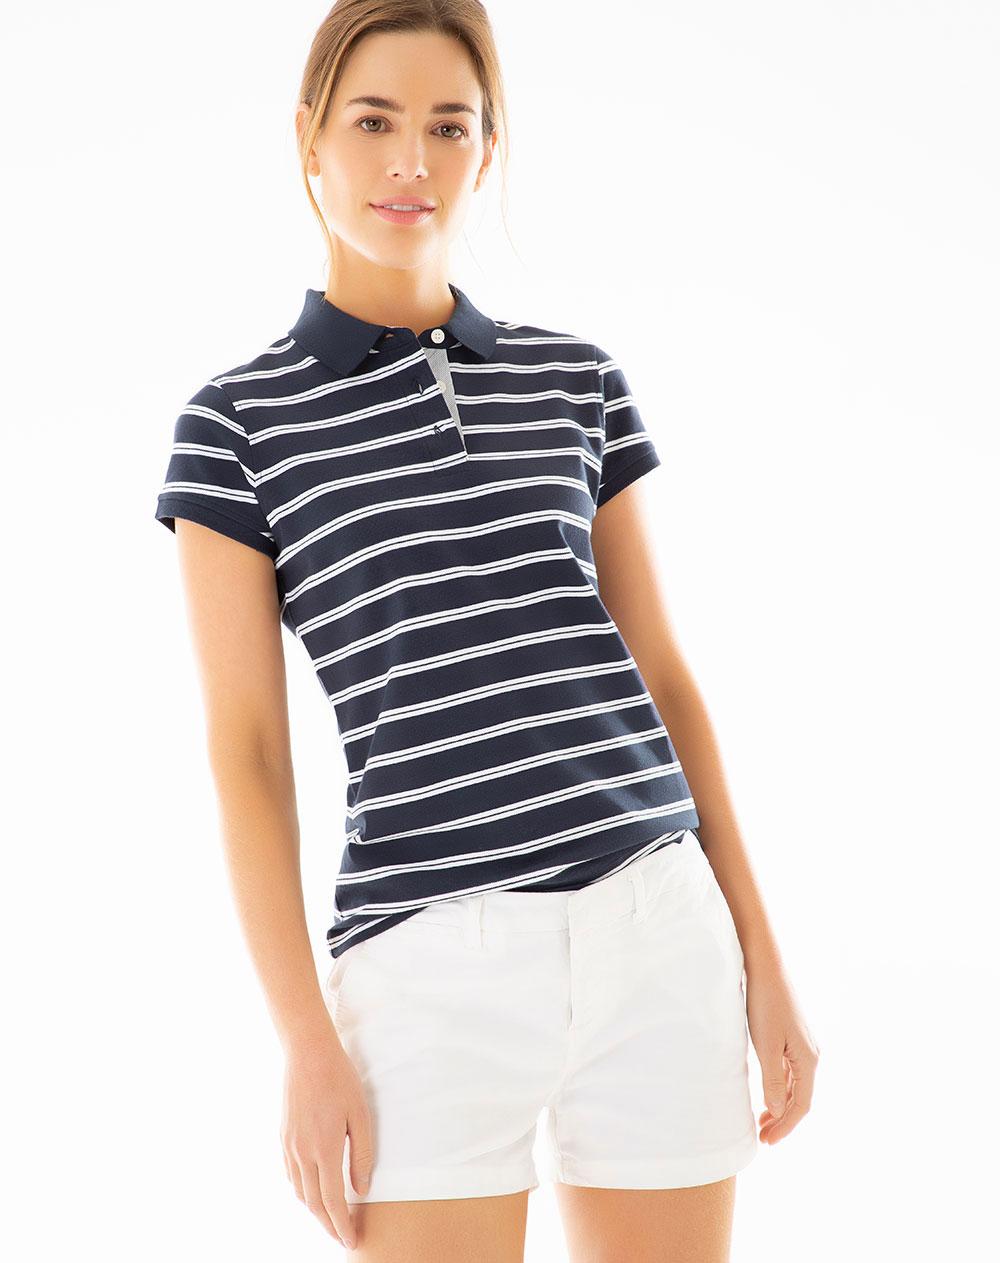 c68c3cdf2 Imagen para Camiseta Polo para Mujer Musset Monroe Blue de Gef